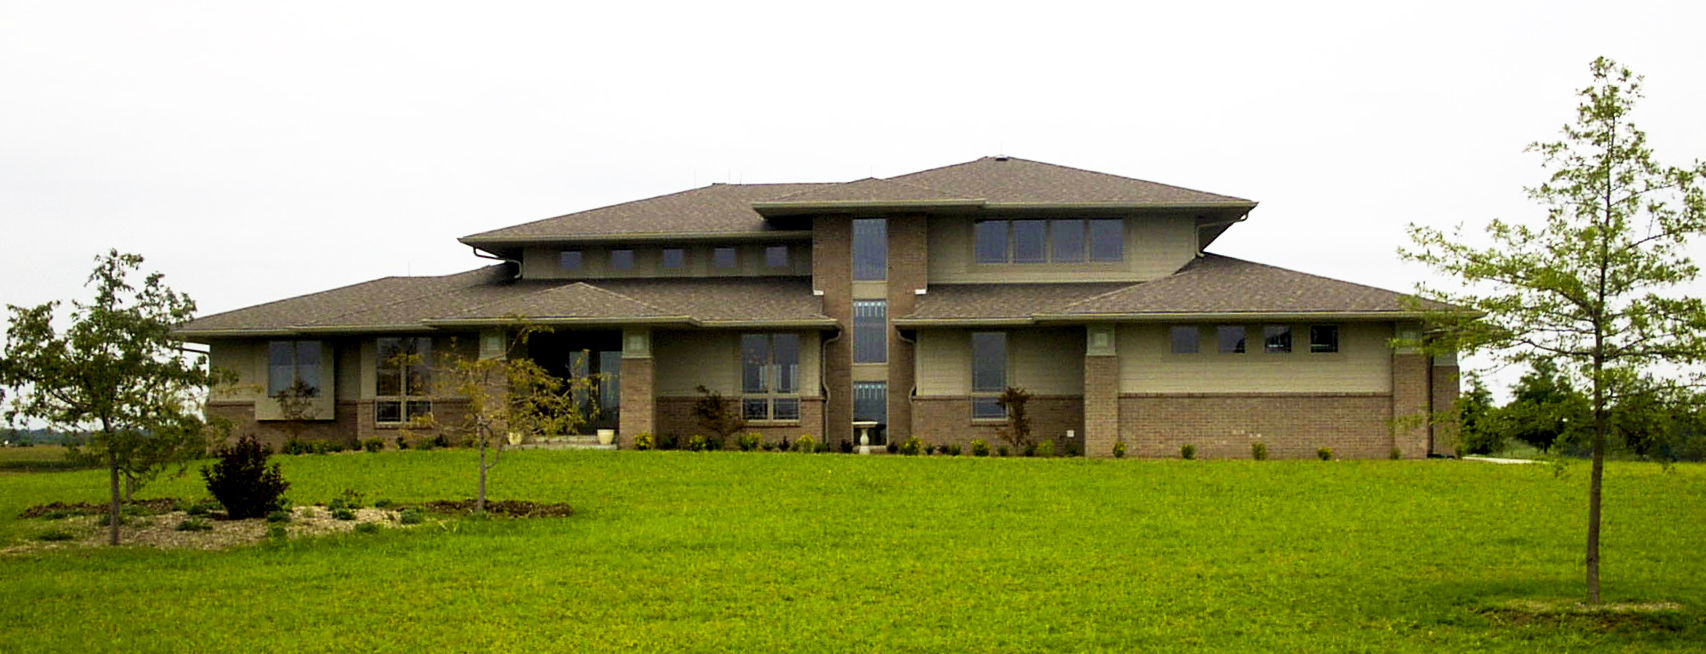 Gretna Craftsman Home